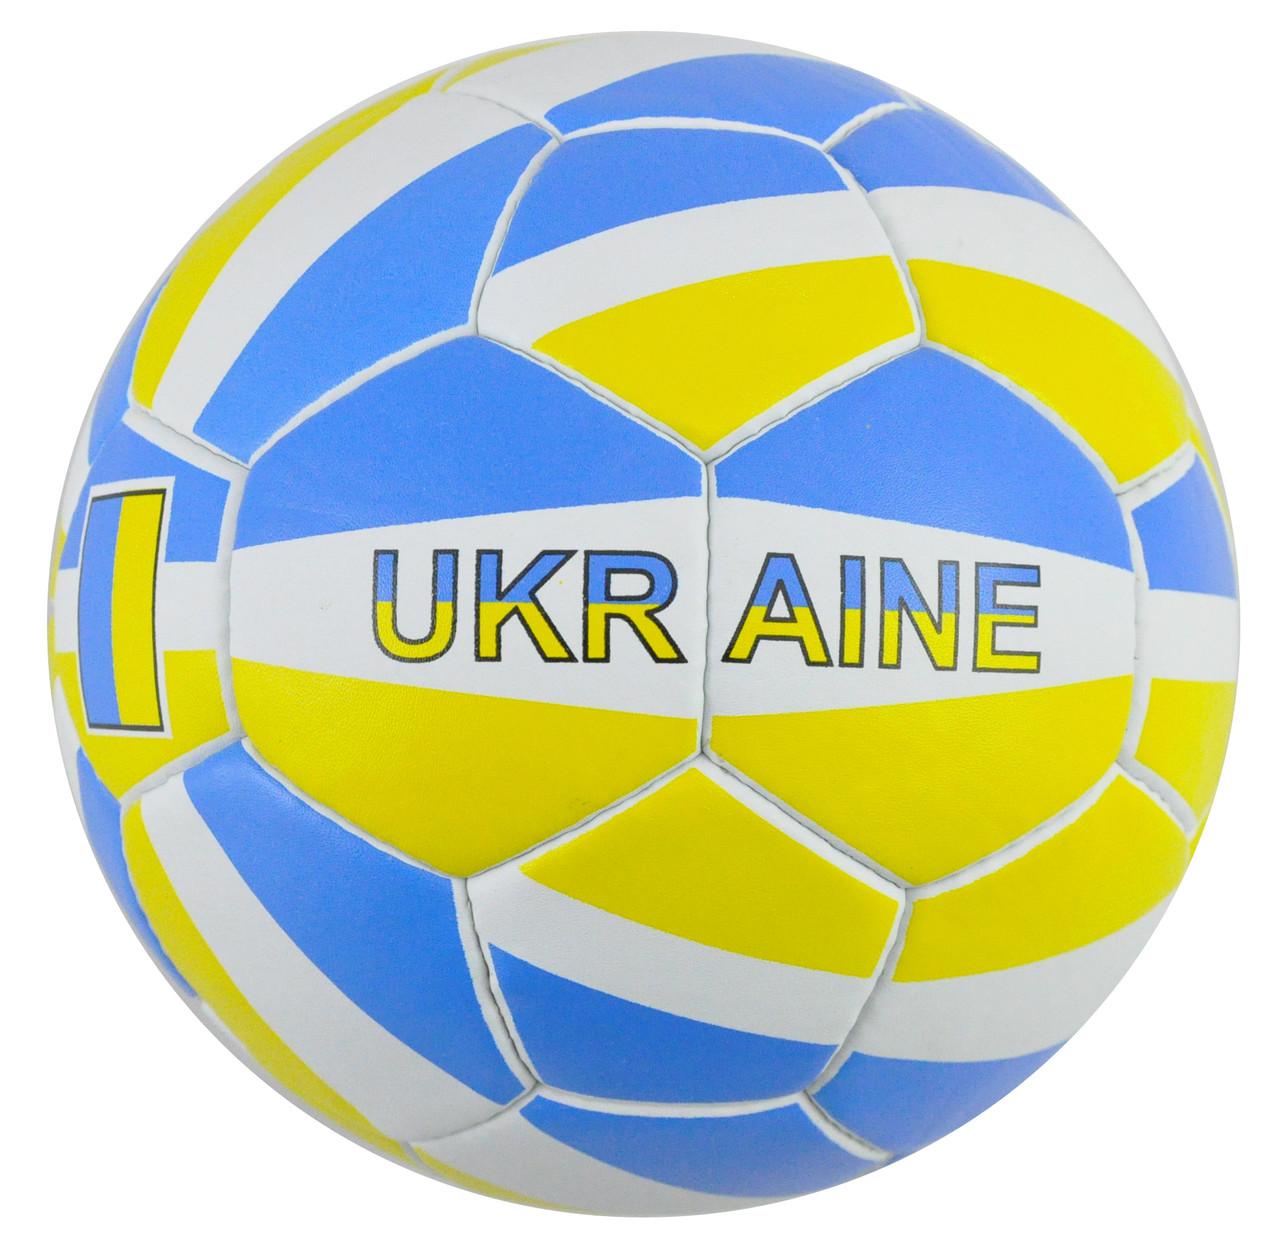 М'яч футбольний Гріппі 5 шарів UKRAINE FB-0047-784 розмір 5